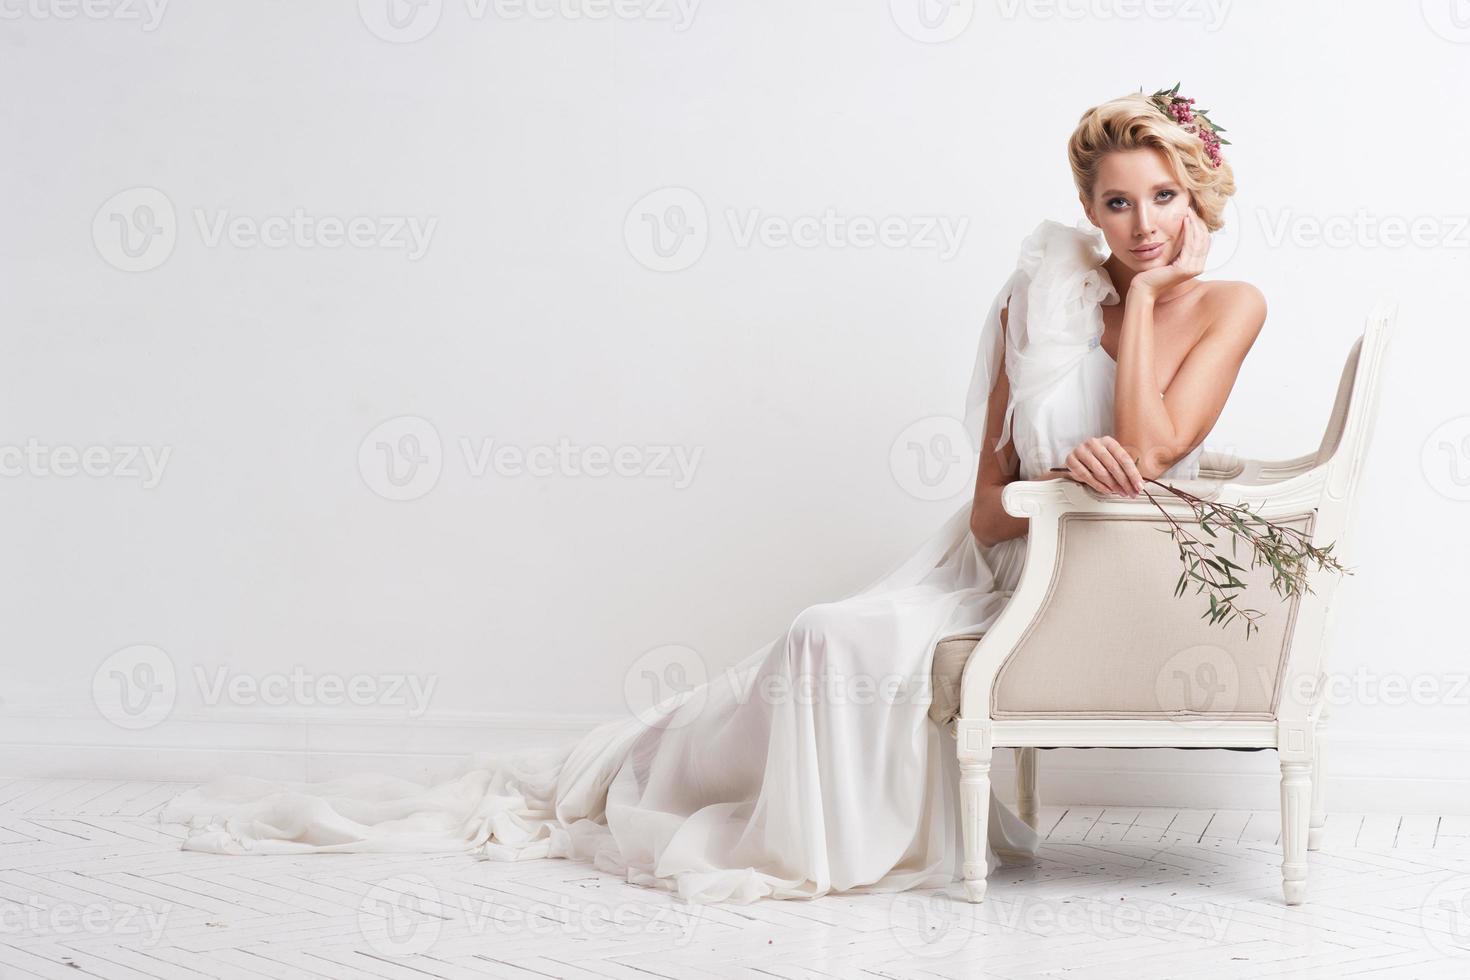 retrato de hermosa novia. vestido de novia. decoración de boda foto